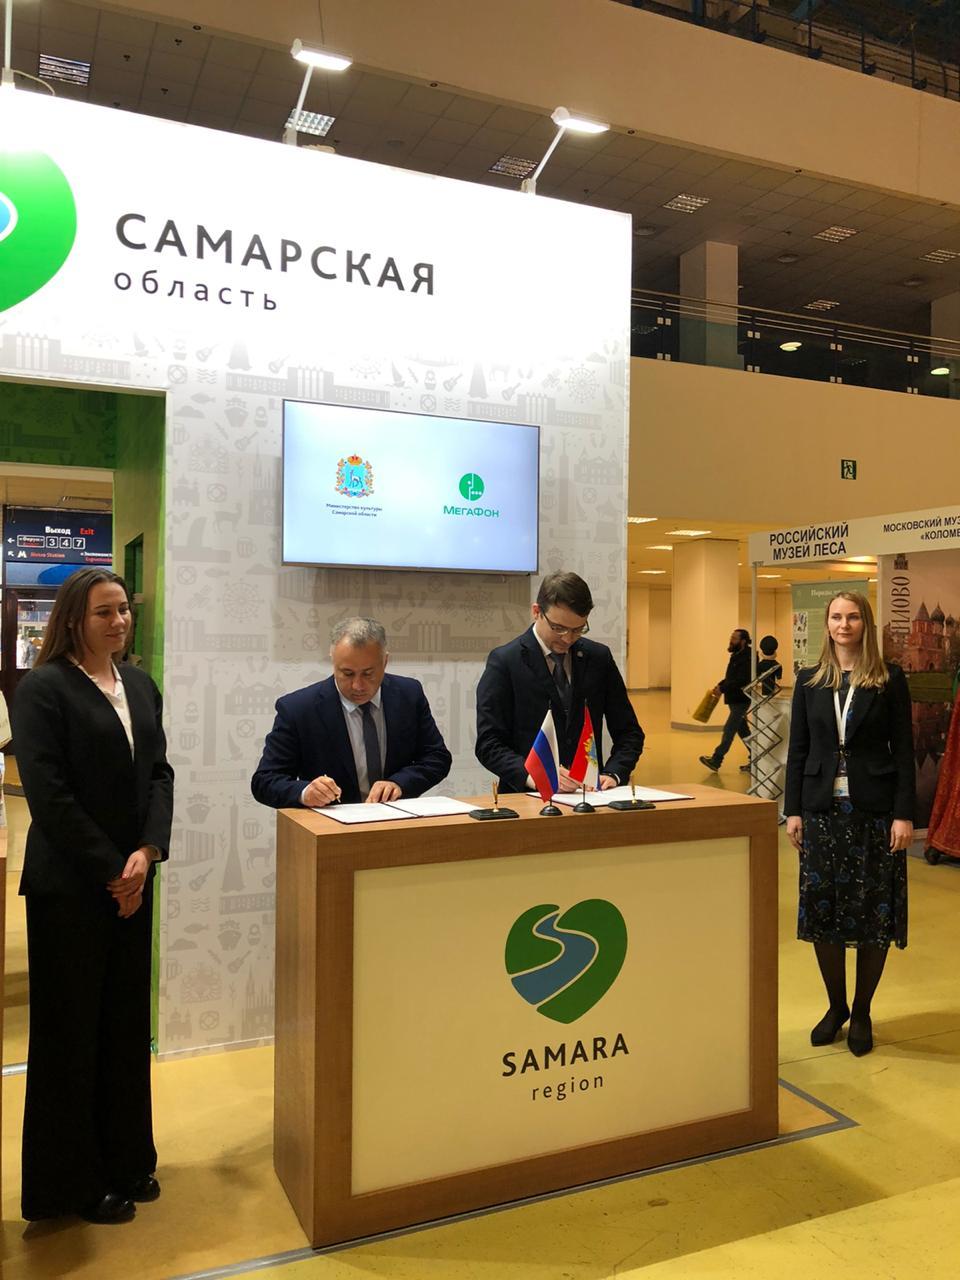 МегаФон и Министерство культуры Самарской области будут совместно развивать туризм